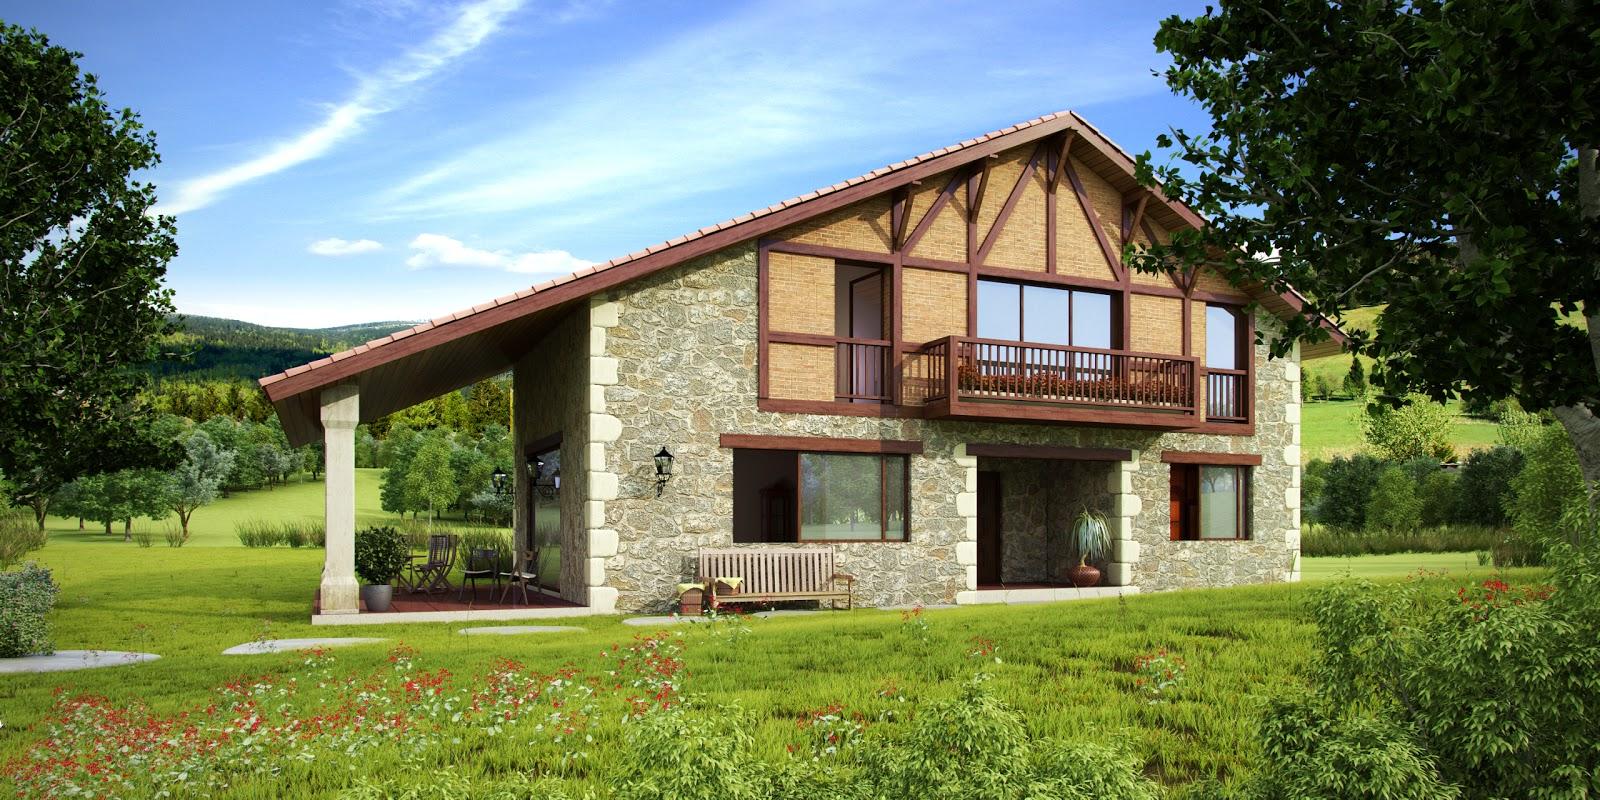 Casas rusticas - Casas estilo rustico ...